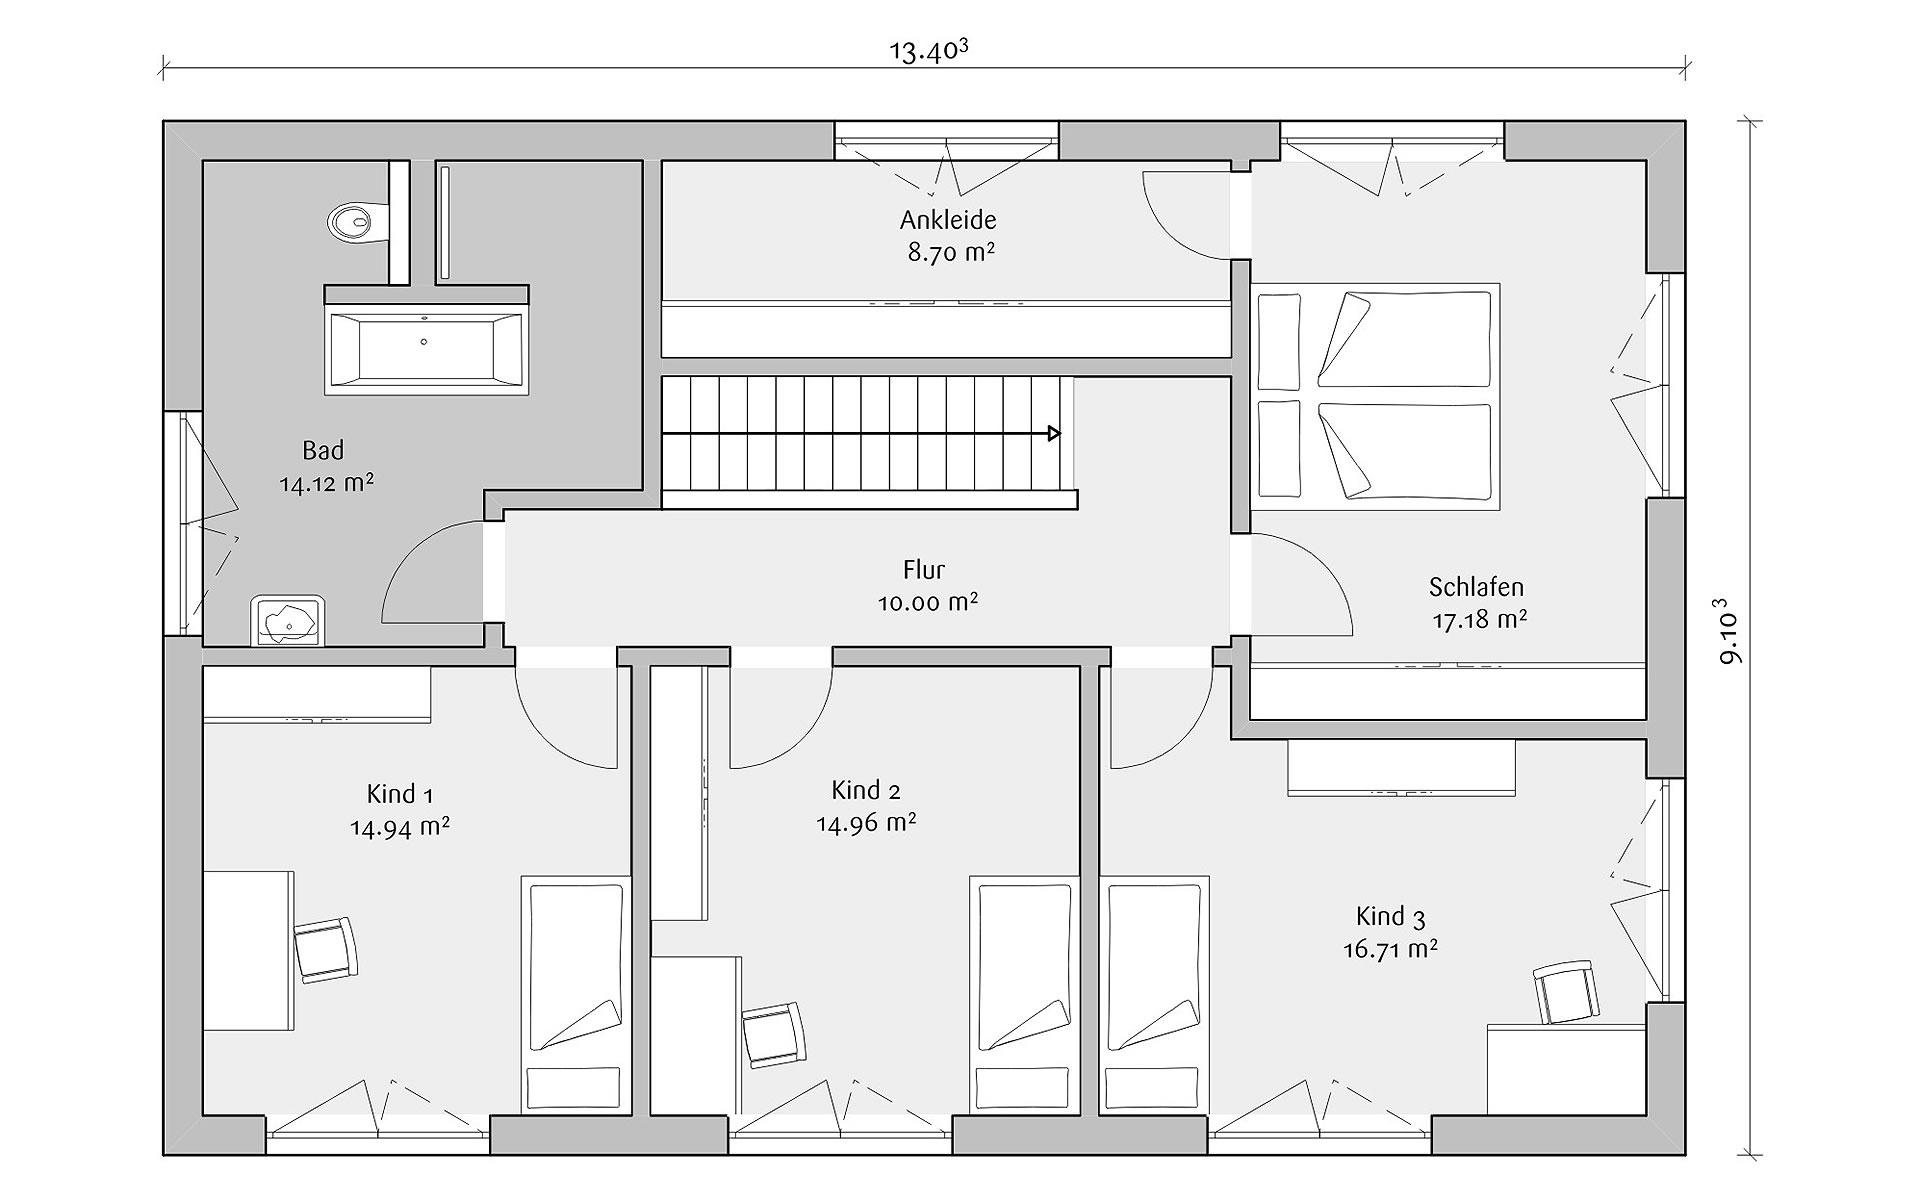 Dachgeschoss Stadtvilla 160 von FischerHaus GmbH & Co. KG